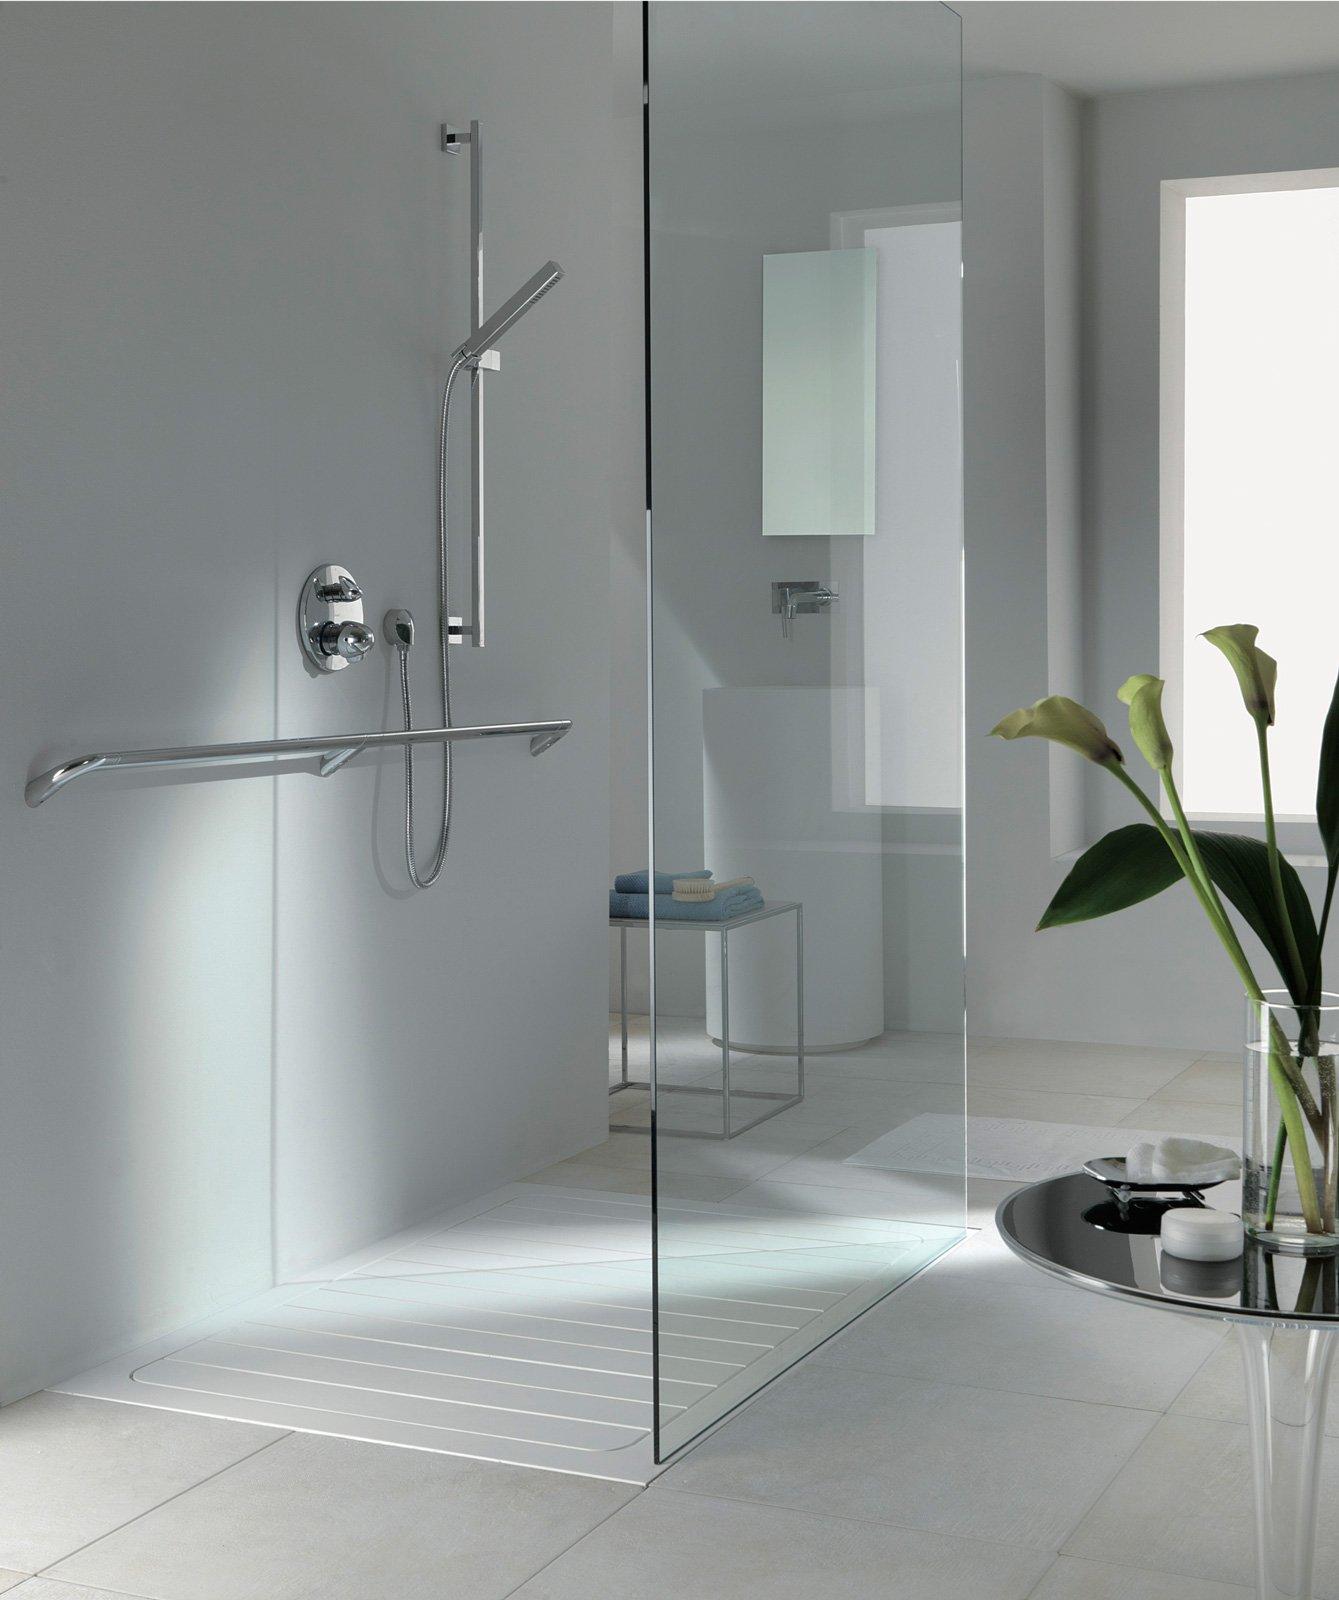 Piatti doccia a filo per un bagno trendy - Cose di Casa